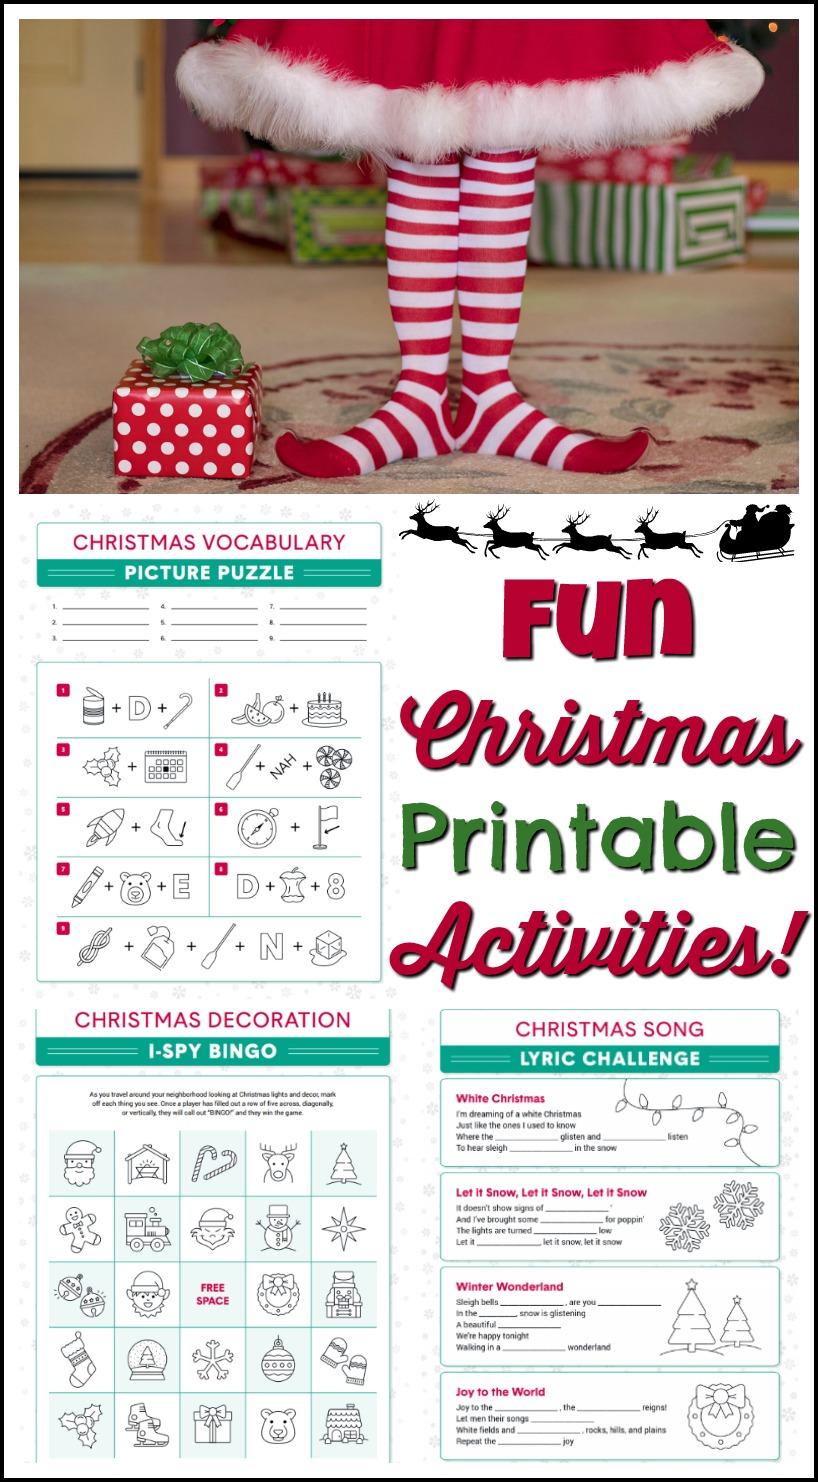 Fun Christmas Printable Activities #FreePrintables #Christmas #printables #activitypages